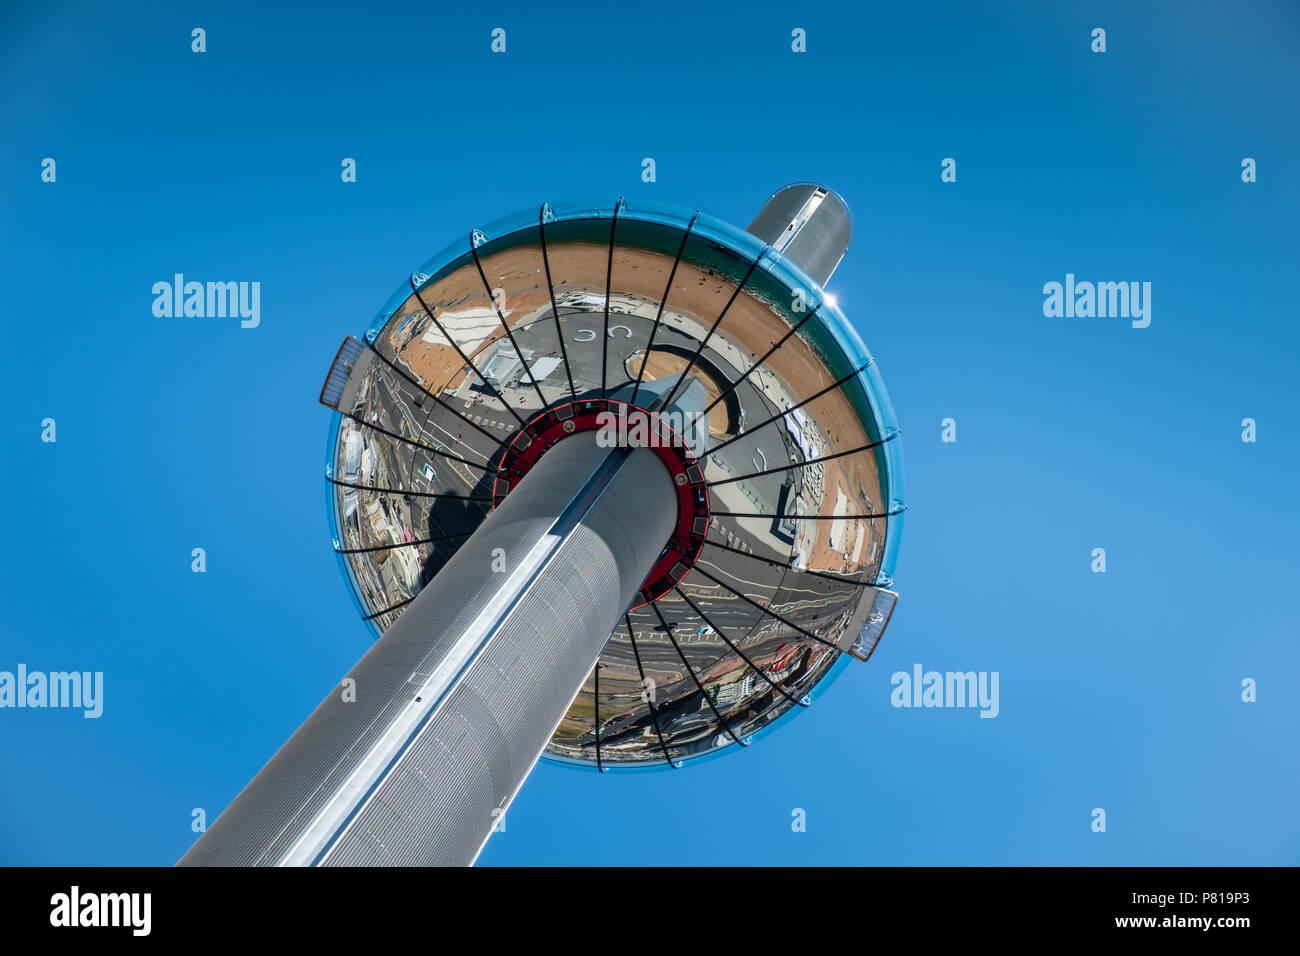 British Airways i360 torre di osservazione in una giornata di sole con un cielo azzurro sullo sfondo con spazio di copia Immagini Stock